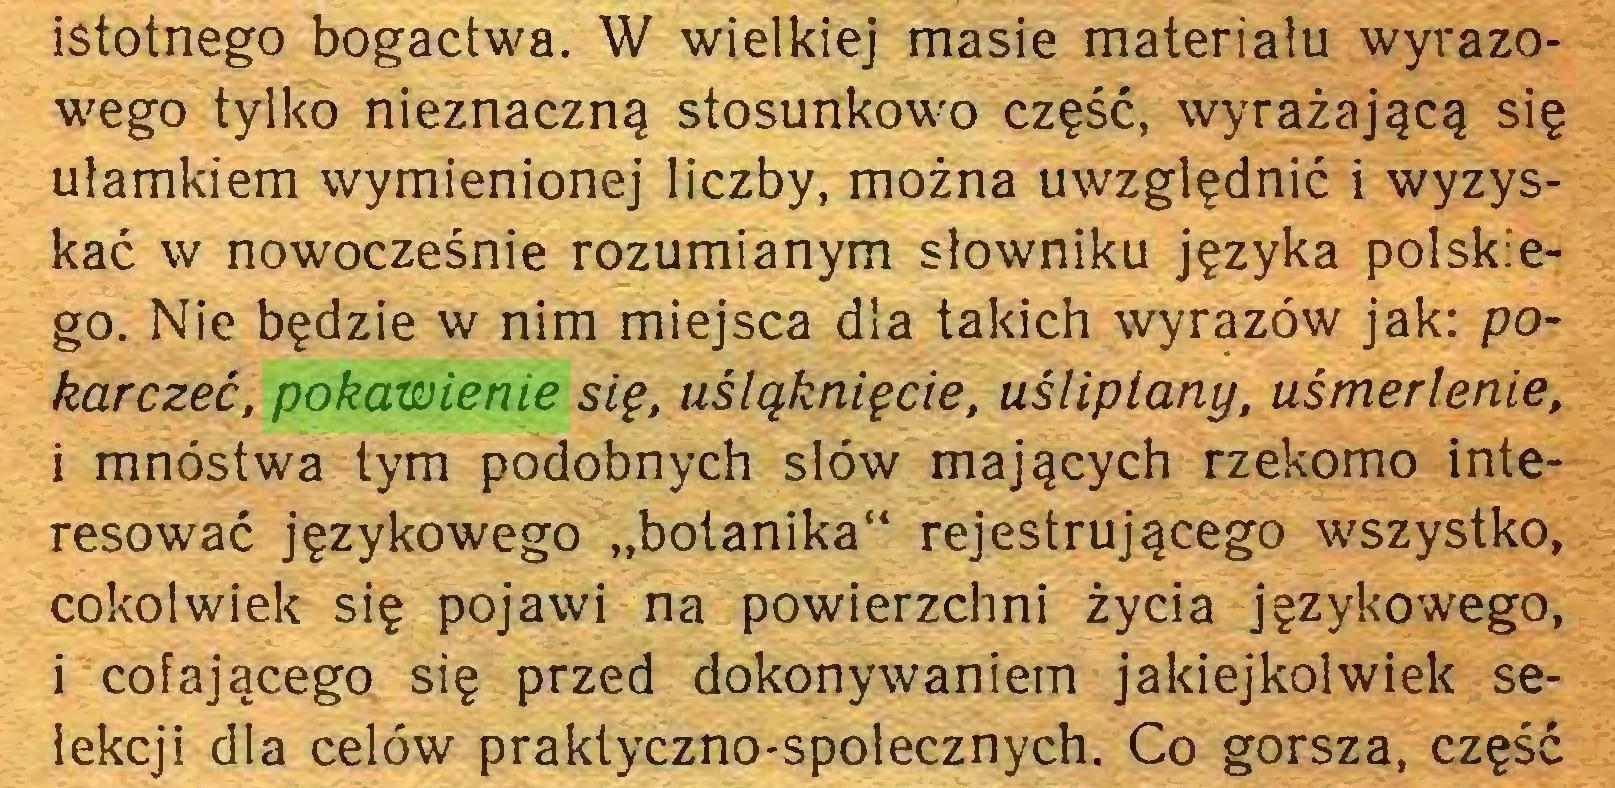 """(...) istotnego bogactwa. W wielkiej masie materiału wyrazowego tylko nieznaczną stosunkowo część, wyrażającą się ułamkiem wymienionej liczby, można uwzględnić i wyzyskać w nowocześnie rozumianym słowniku języka polskiego. Nie będzie w nim miejsca dla takich wyrazów jak: pokarczeć, pokawienie się, uśląknięcie, uśliptany, uśmerlenie, i mnóstwa tym podobnych słów mających rzekomo interesować językowego """"botanika"""" rejestrującego wszystko, cokolwiek się pojawi na powierzchni życia językowego, i cofającego się przed dokonywaniem jakiejkolwiek selekcji dla celów praktyczno-spolecznych. Co gorsza, część..."""